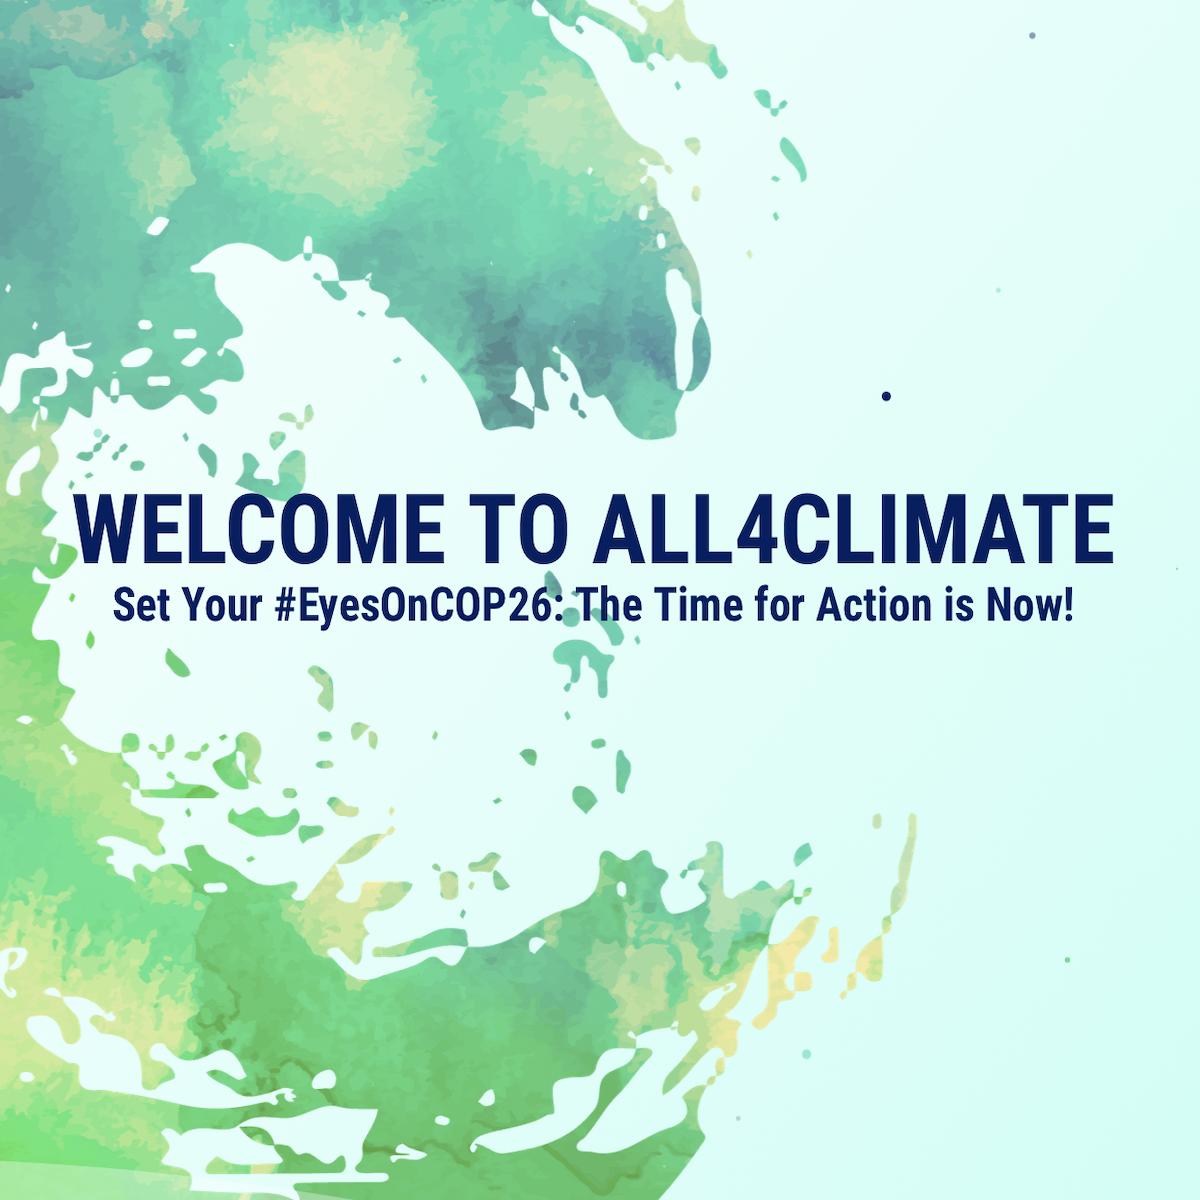 Iniziativa All4Climate – Invito ai Convegni del 28 settembre e 1° ottobre 2021